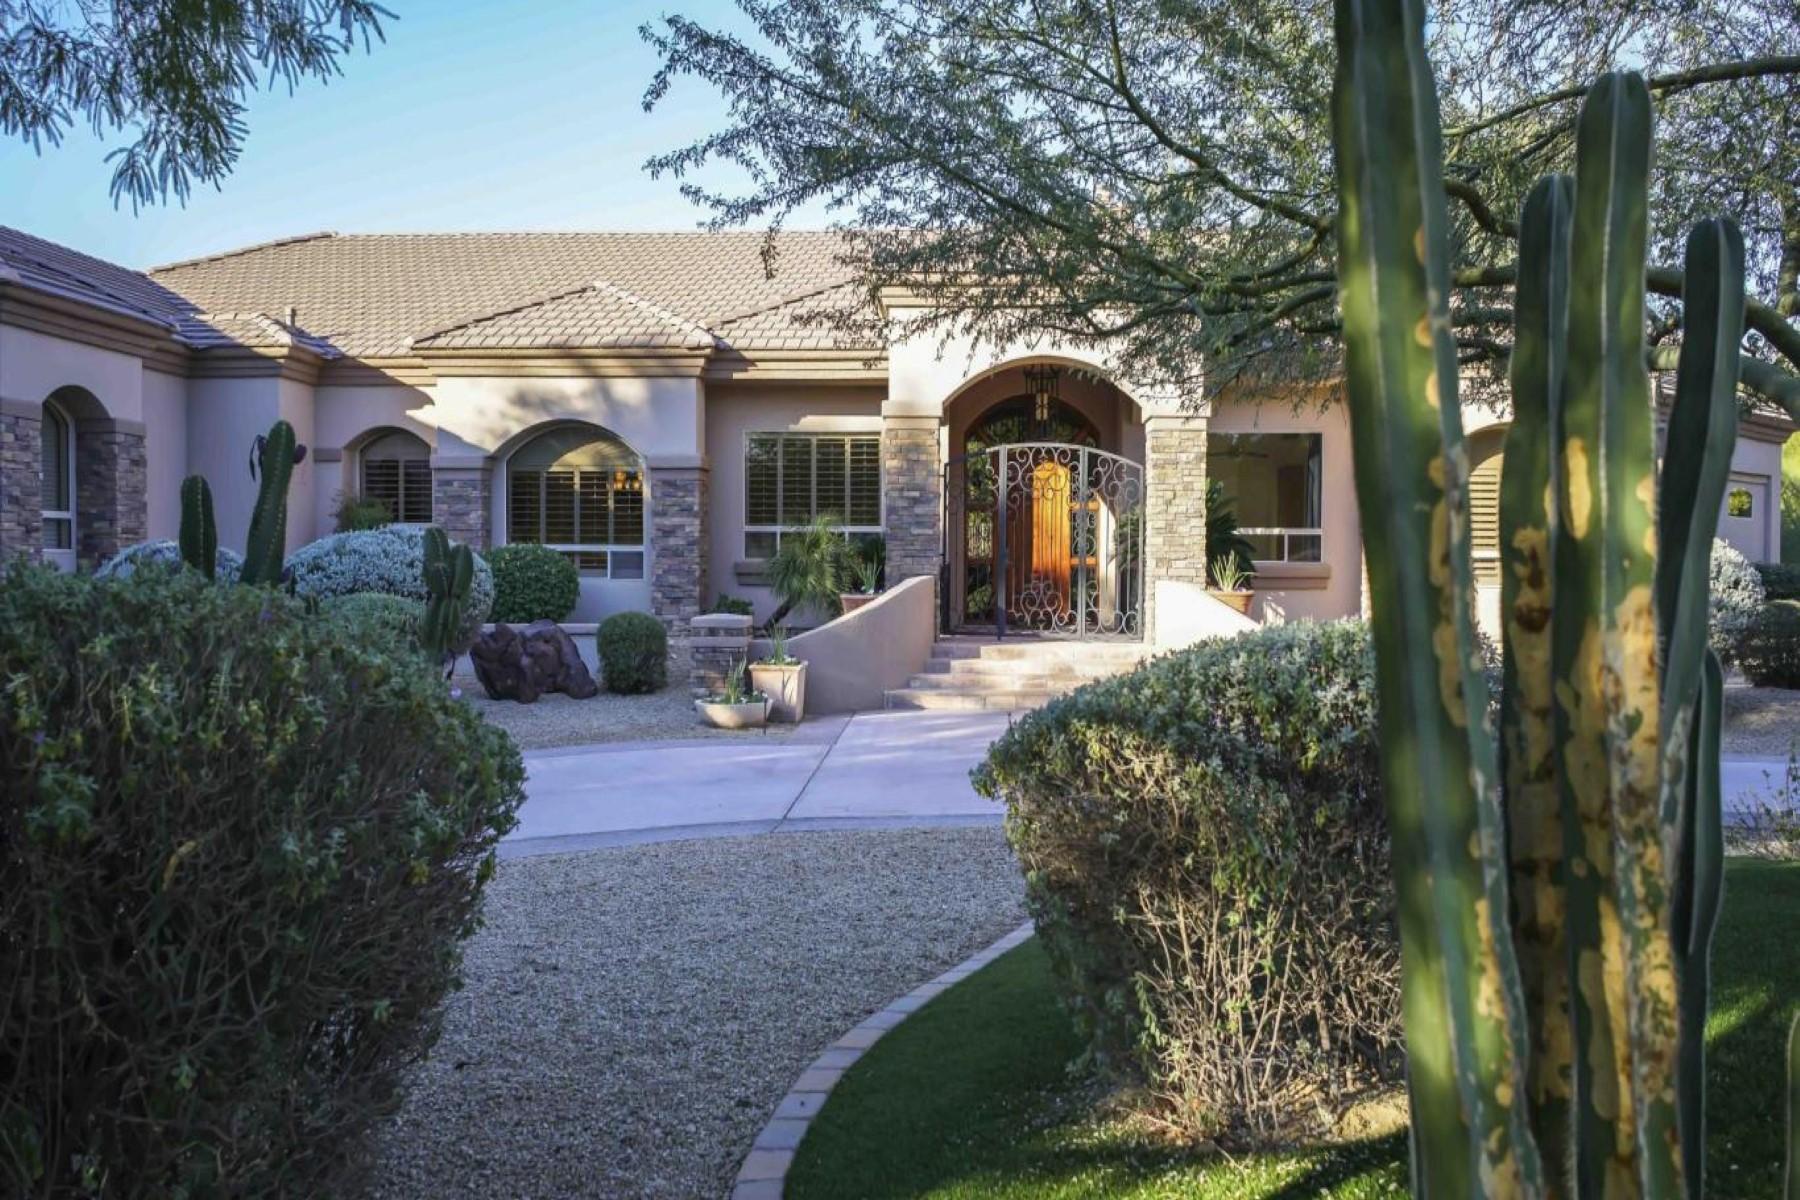 단독 가정 주택 용 매매 에 Peaceful home on corner lot in secure, gated community 6200 N 42nd St Paradise Valley, 아리조나, 85253 미국